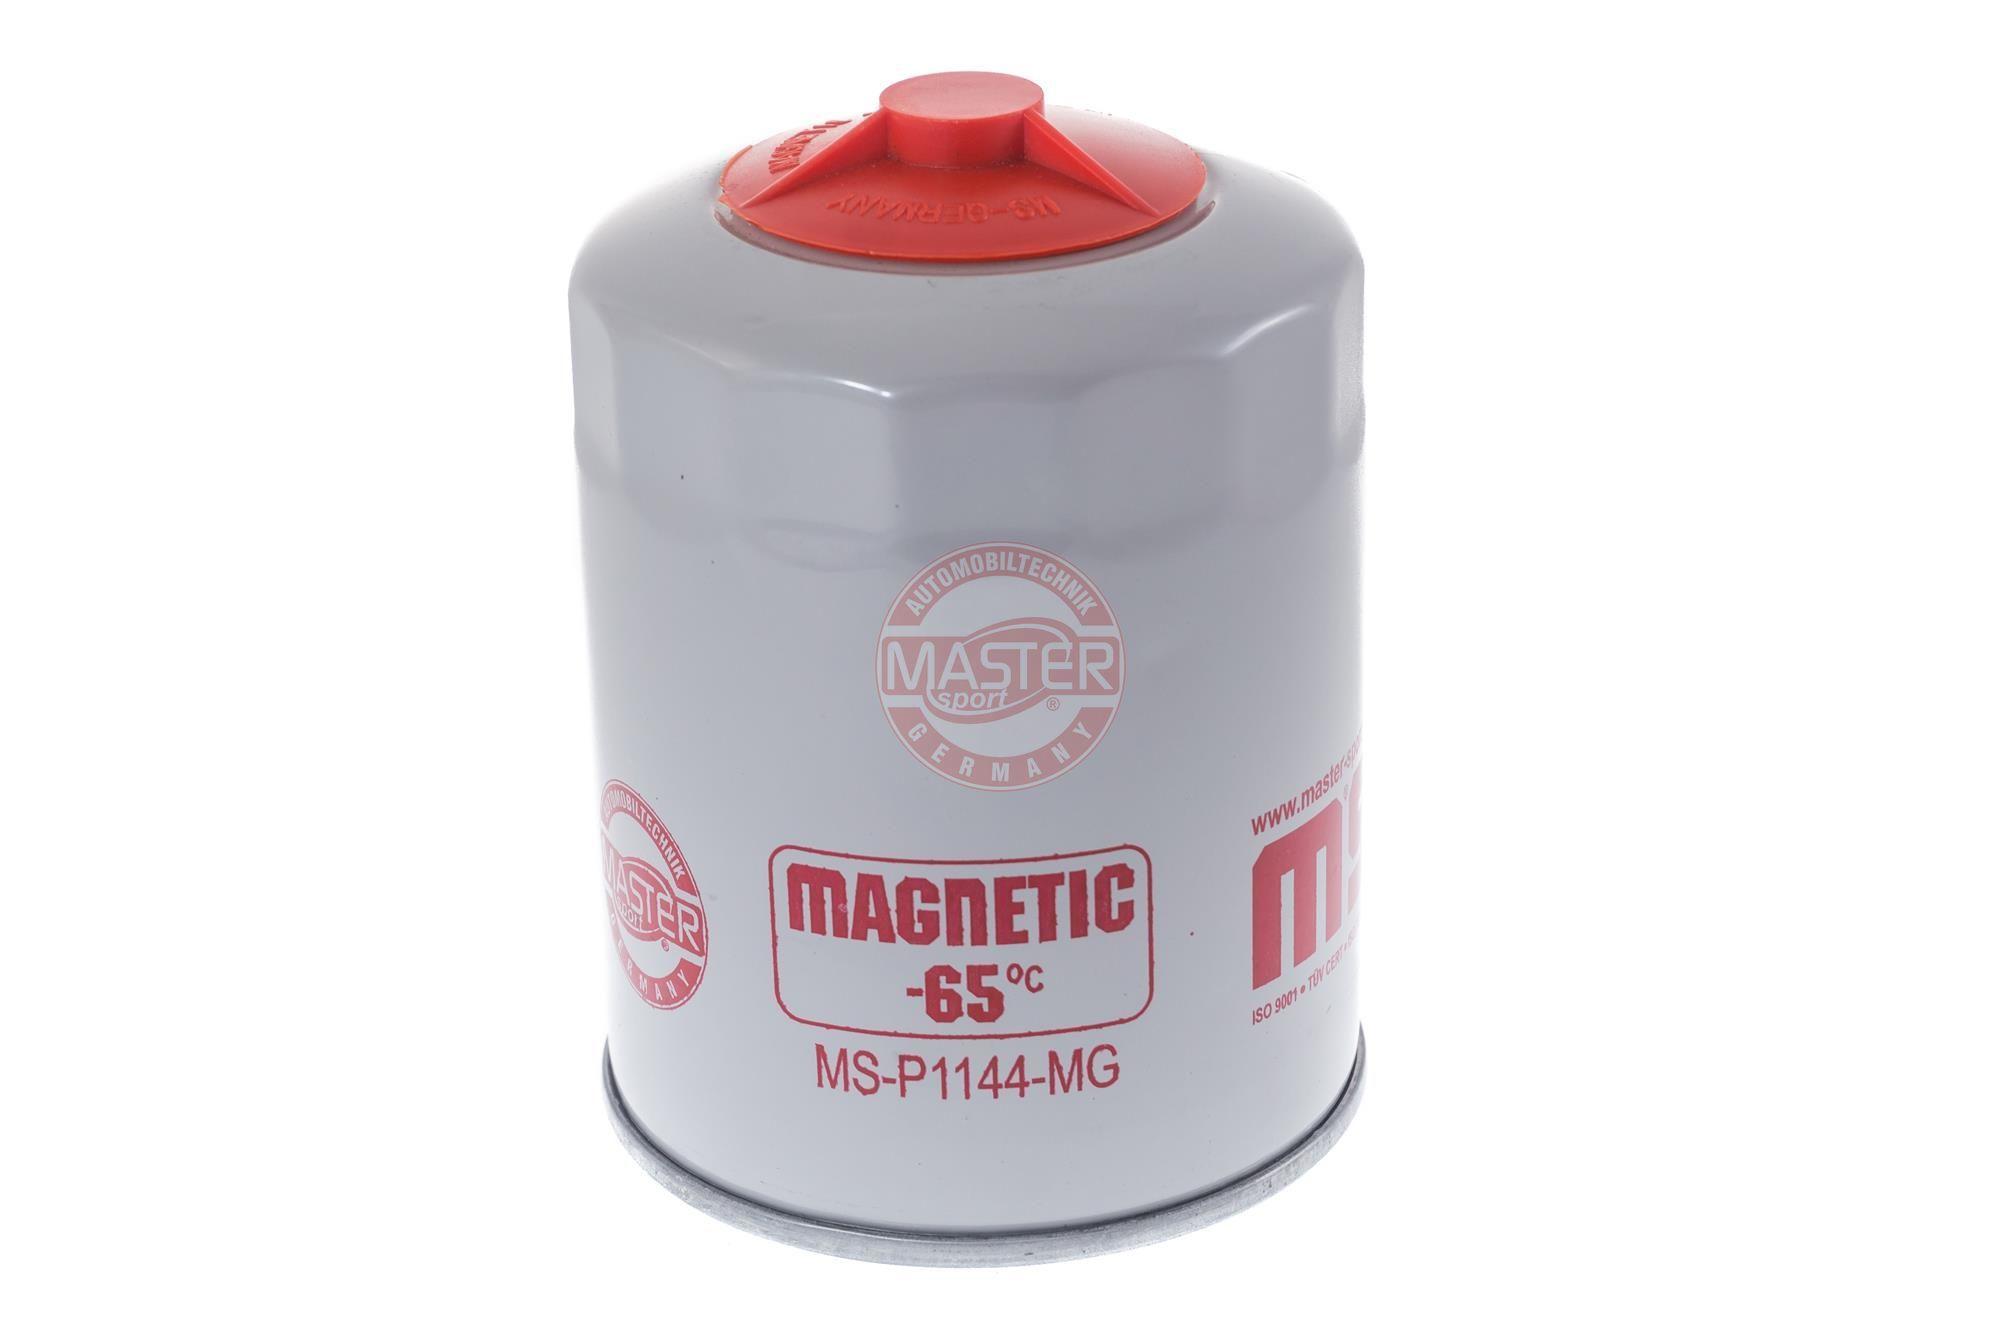 Motorölfilter P1144-MG-OF-PCS-MS MASTER-SPORT 440011441 in Original Qualität